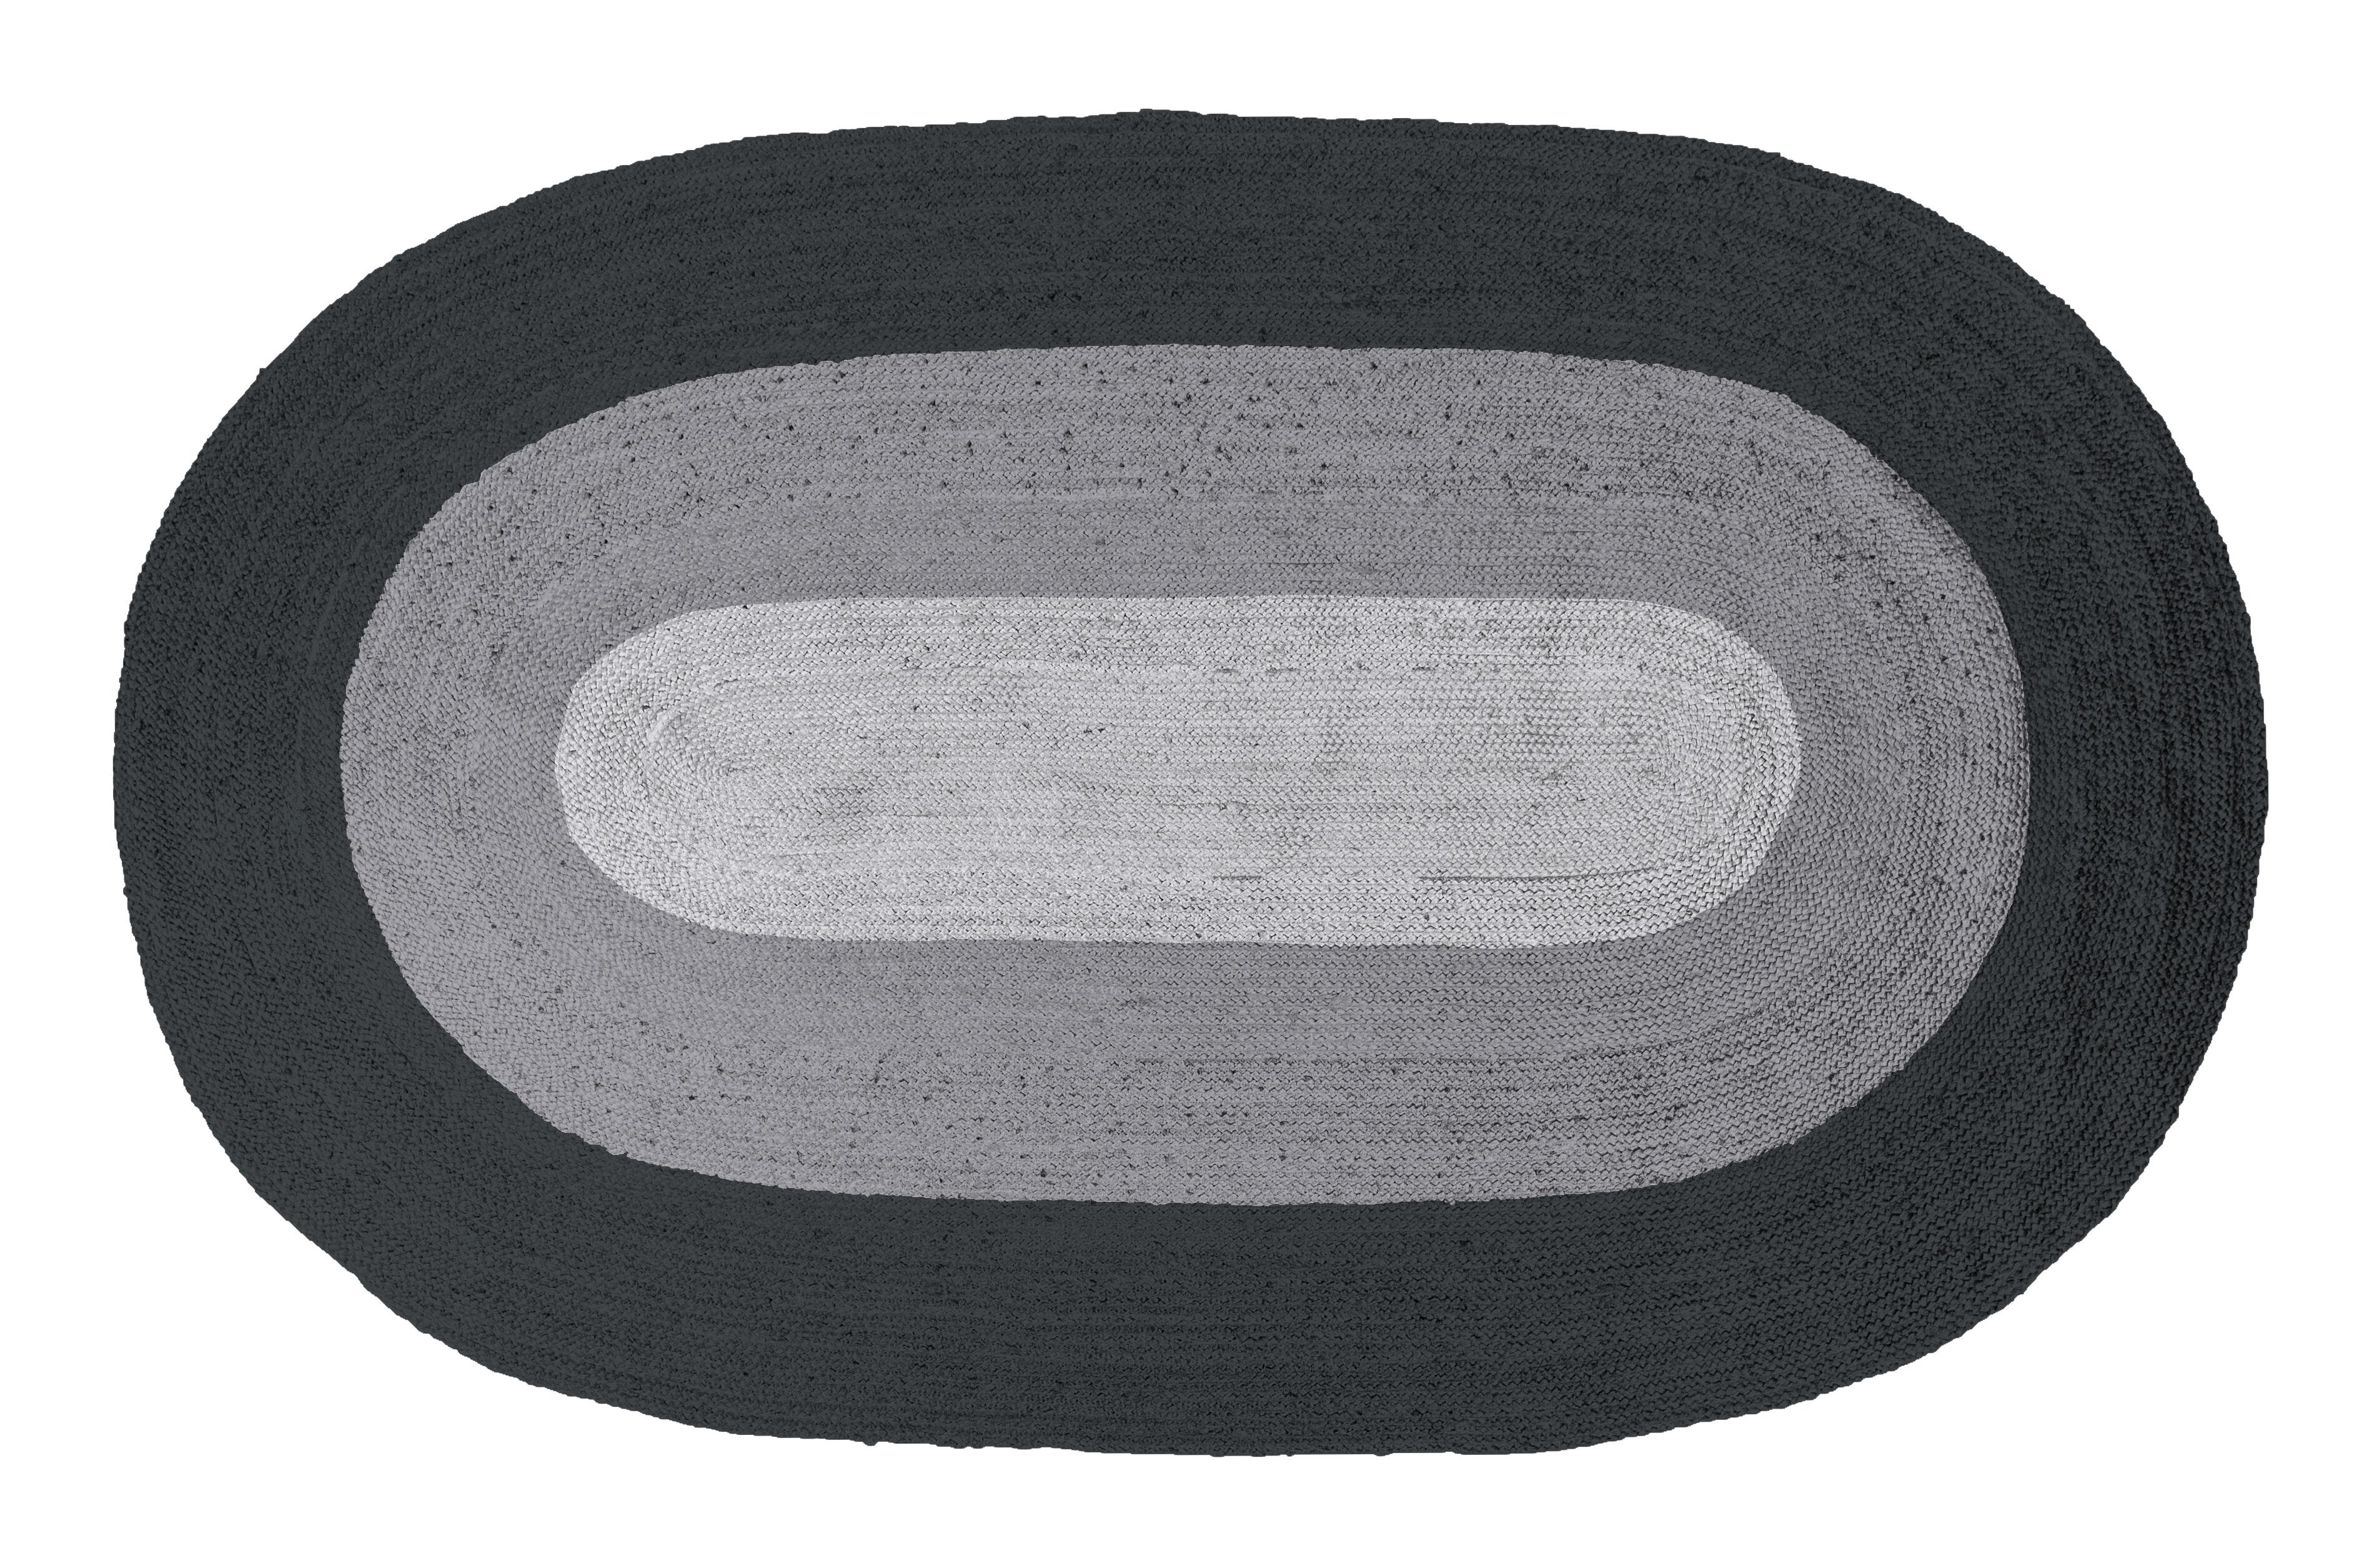 BePureHome Vloerkleed 'Border' 170 x 300cm, kleur Zwart/Grijs